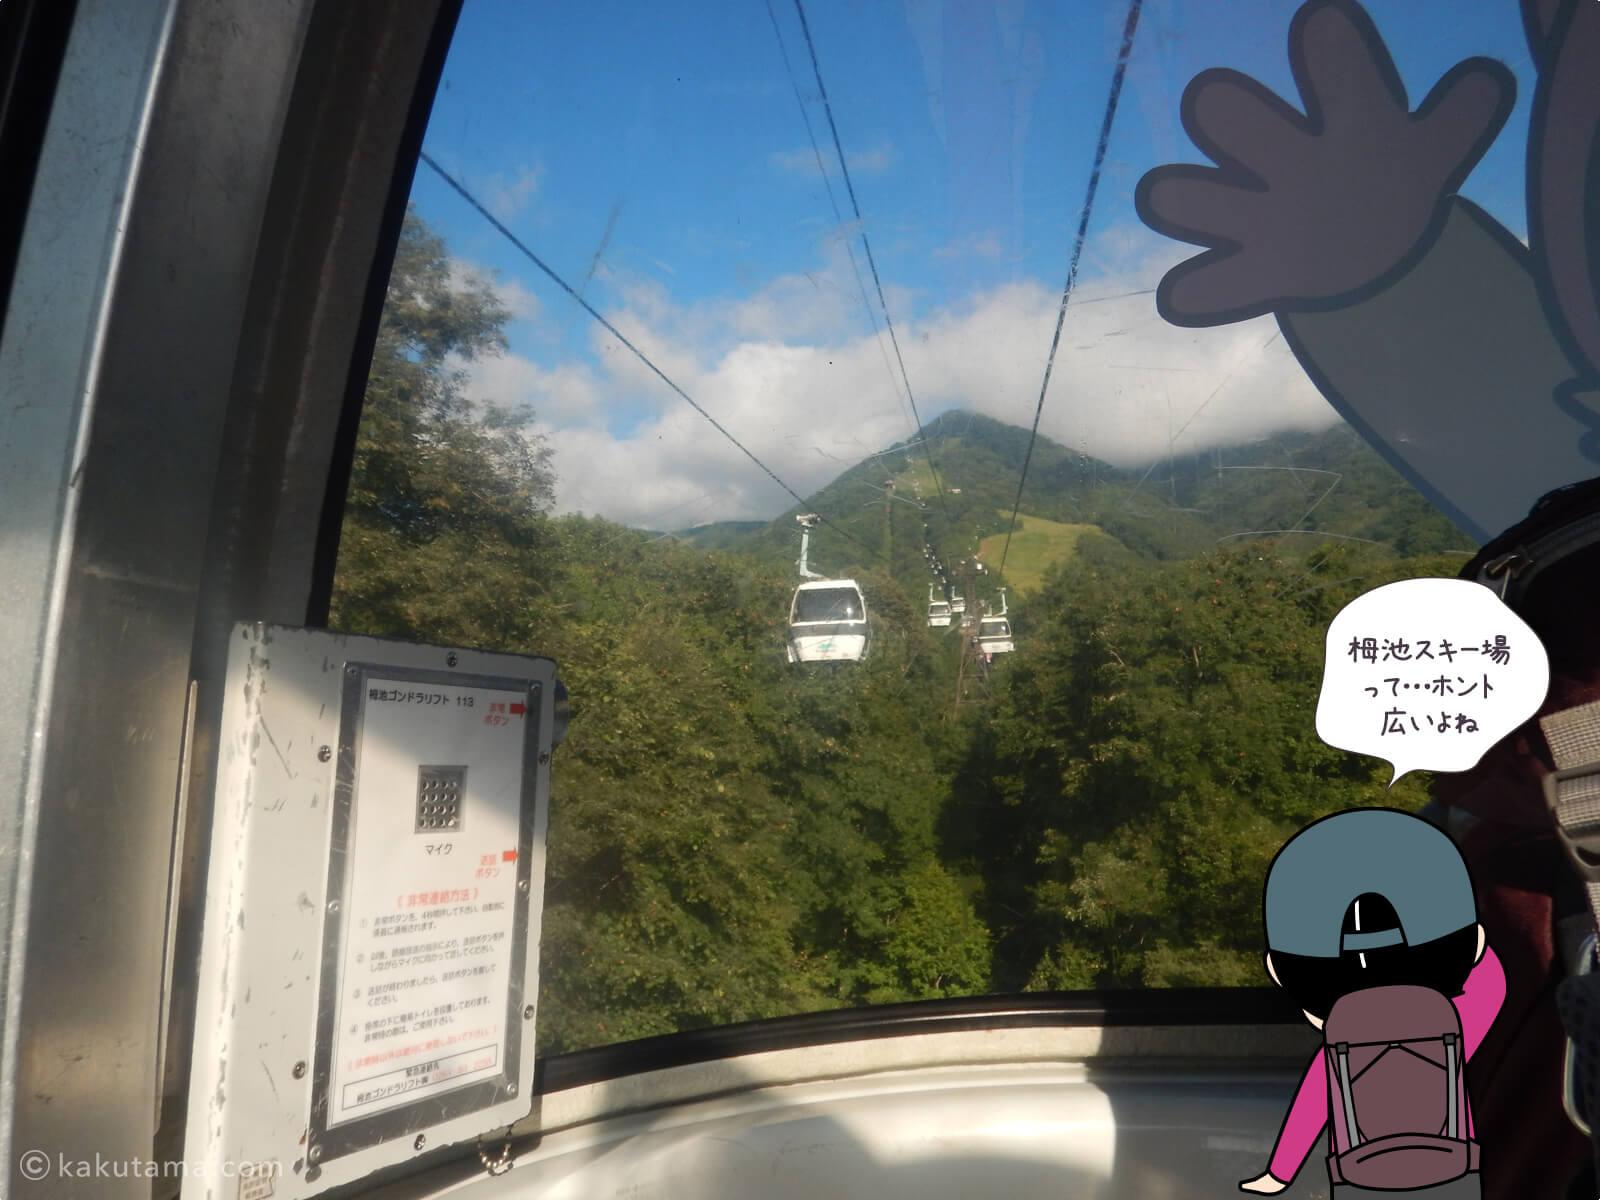 登山用語ロープウェイにまつわる写真